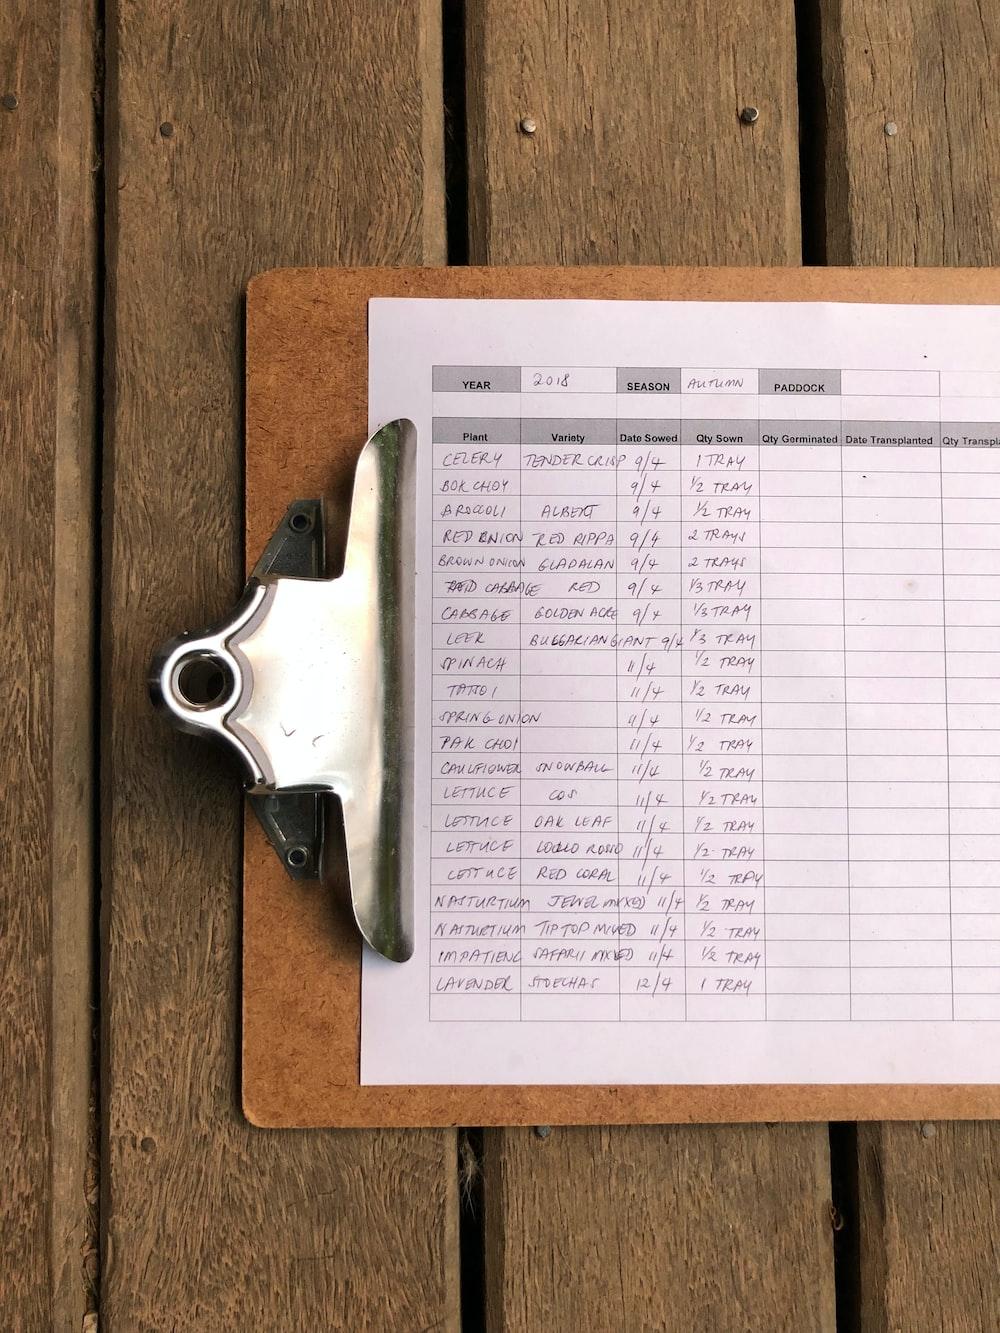 date organizer clipboard